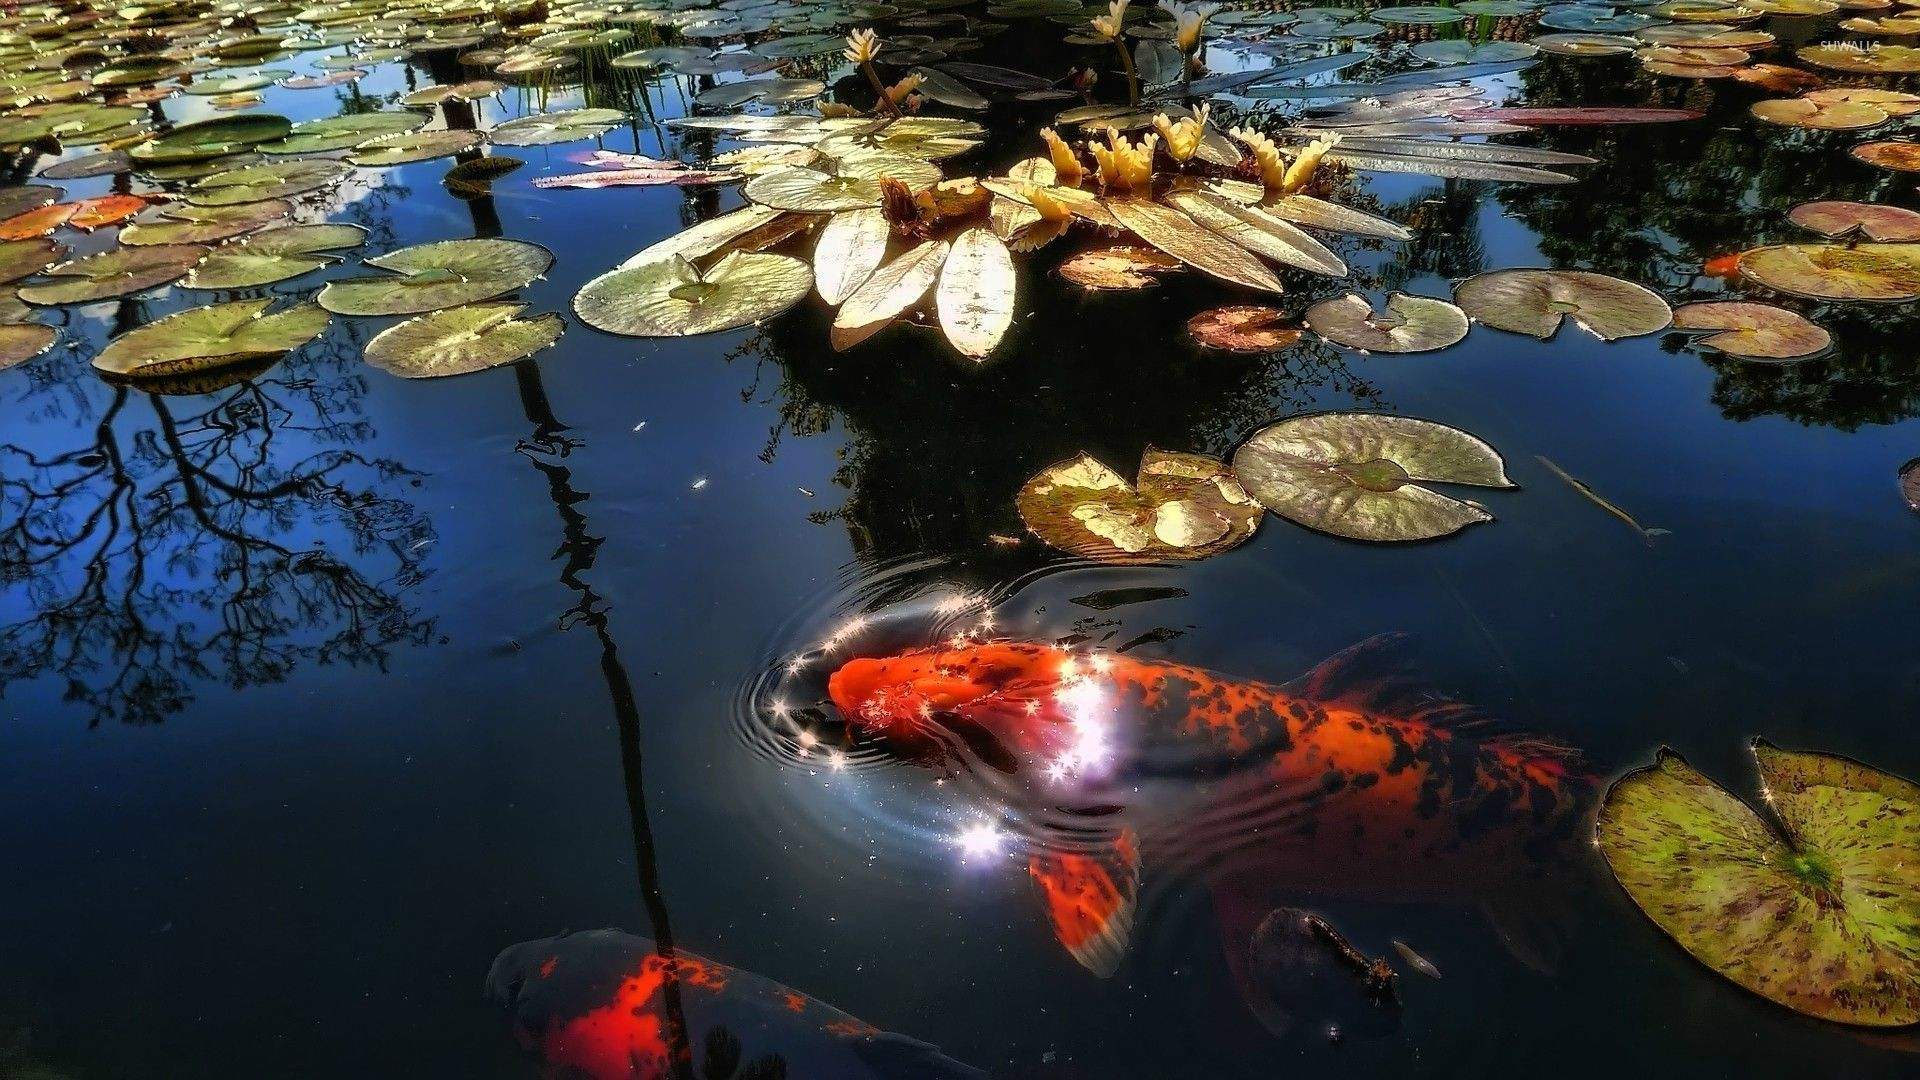 photos of pond